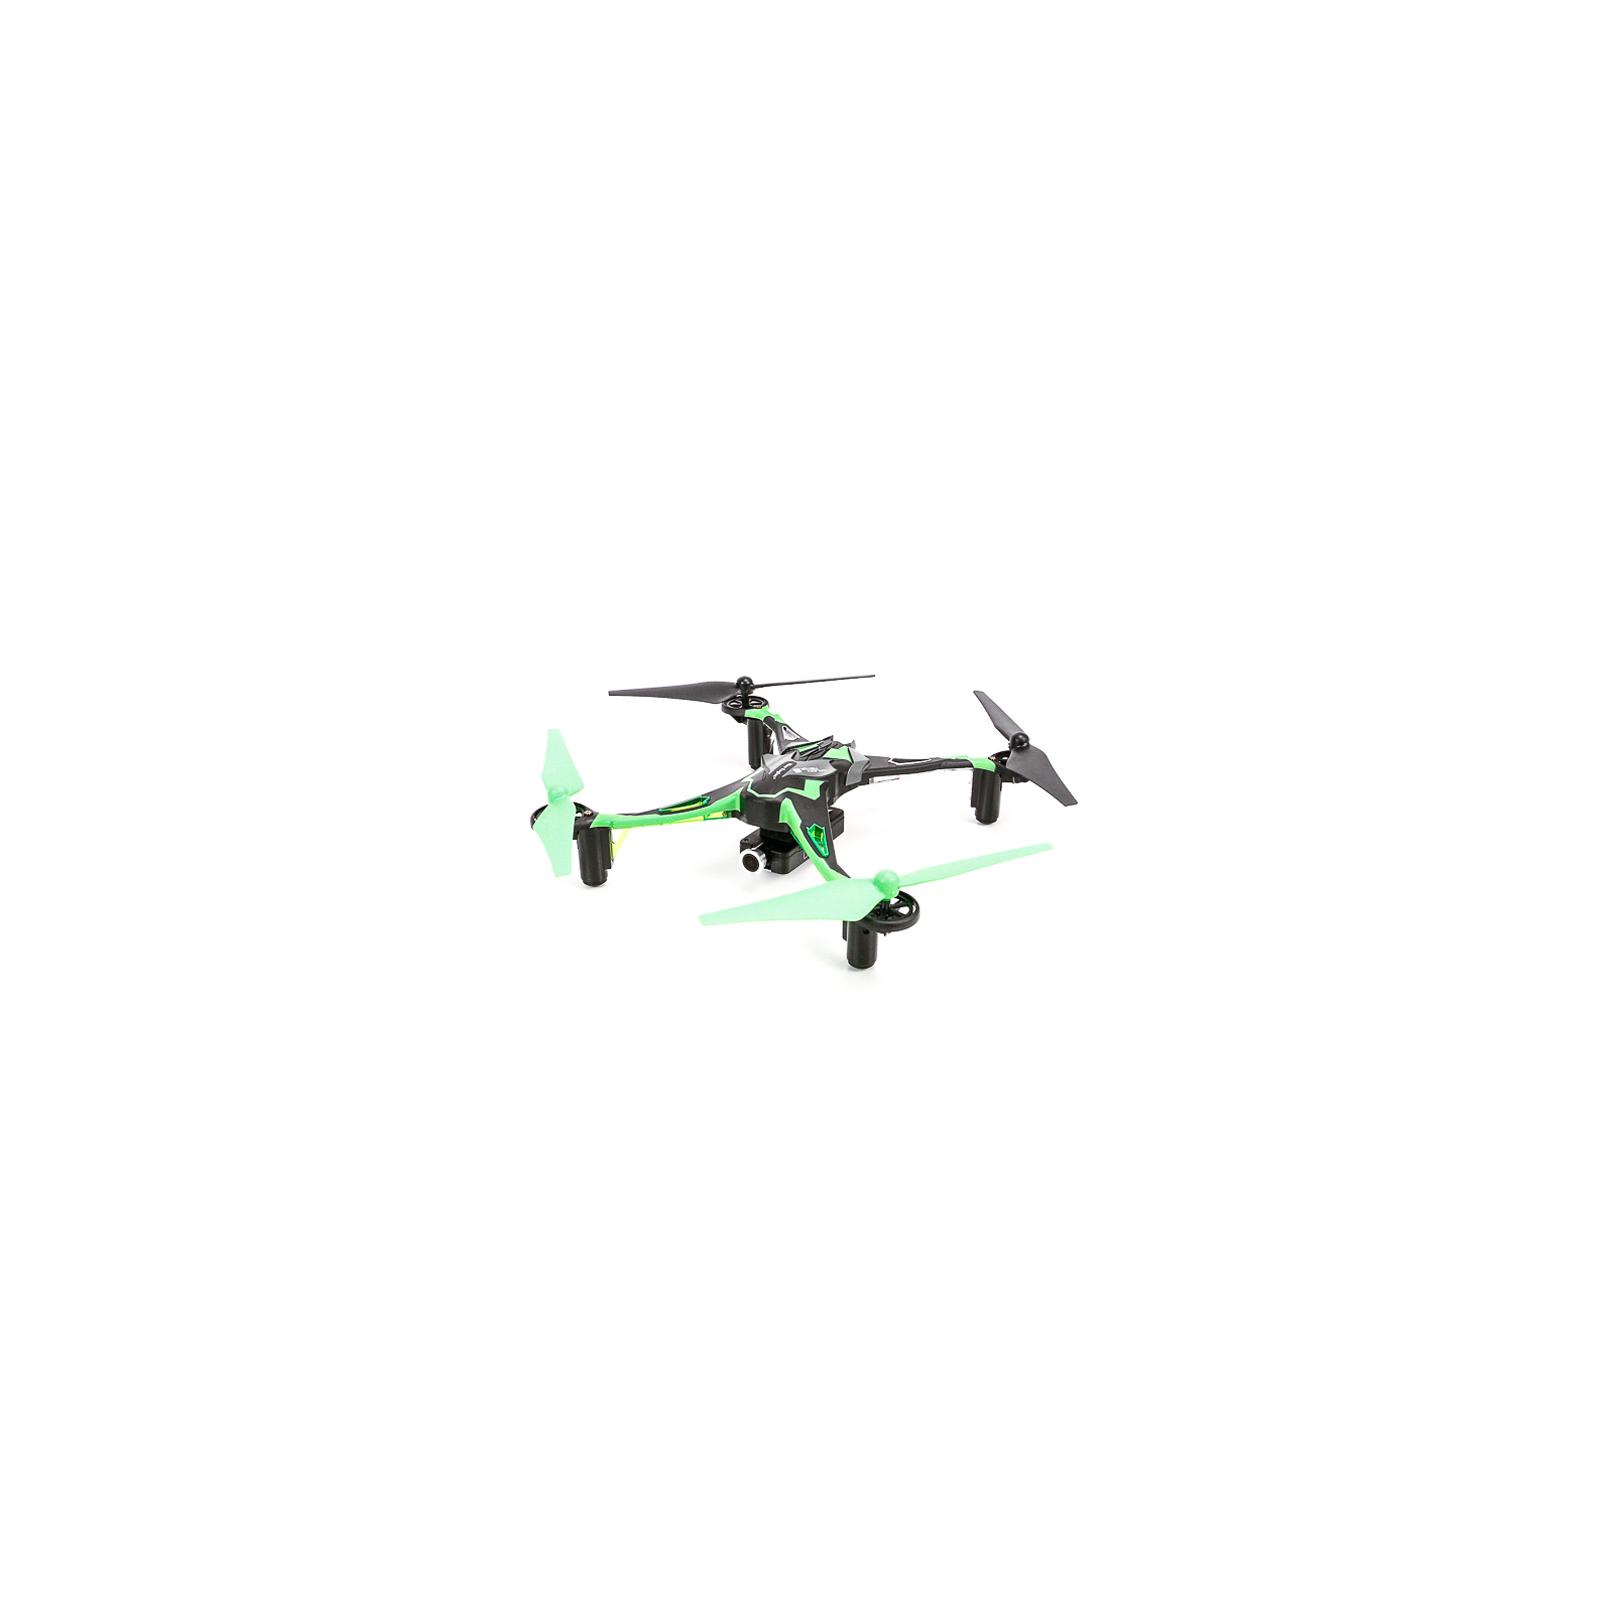 Квадрокоптер Nine Eagles Galaxy Visitor 6 FPV 4CH с Wi-Fi камерой зеленый (NE201890)